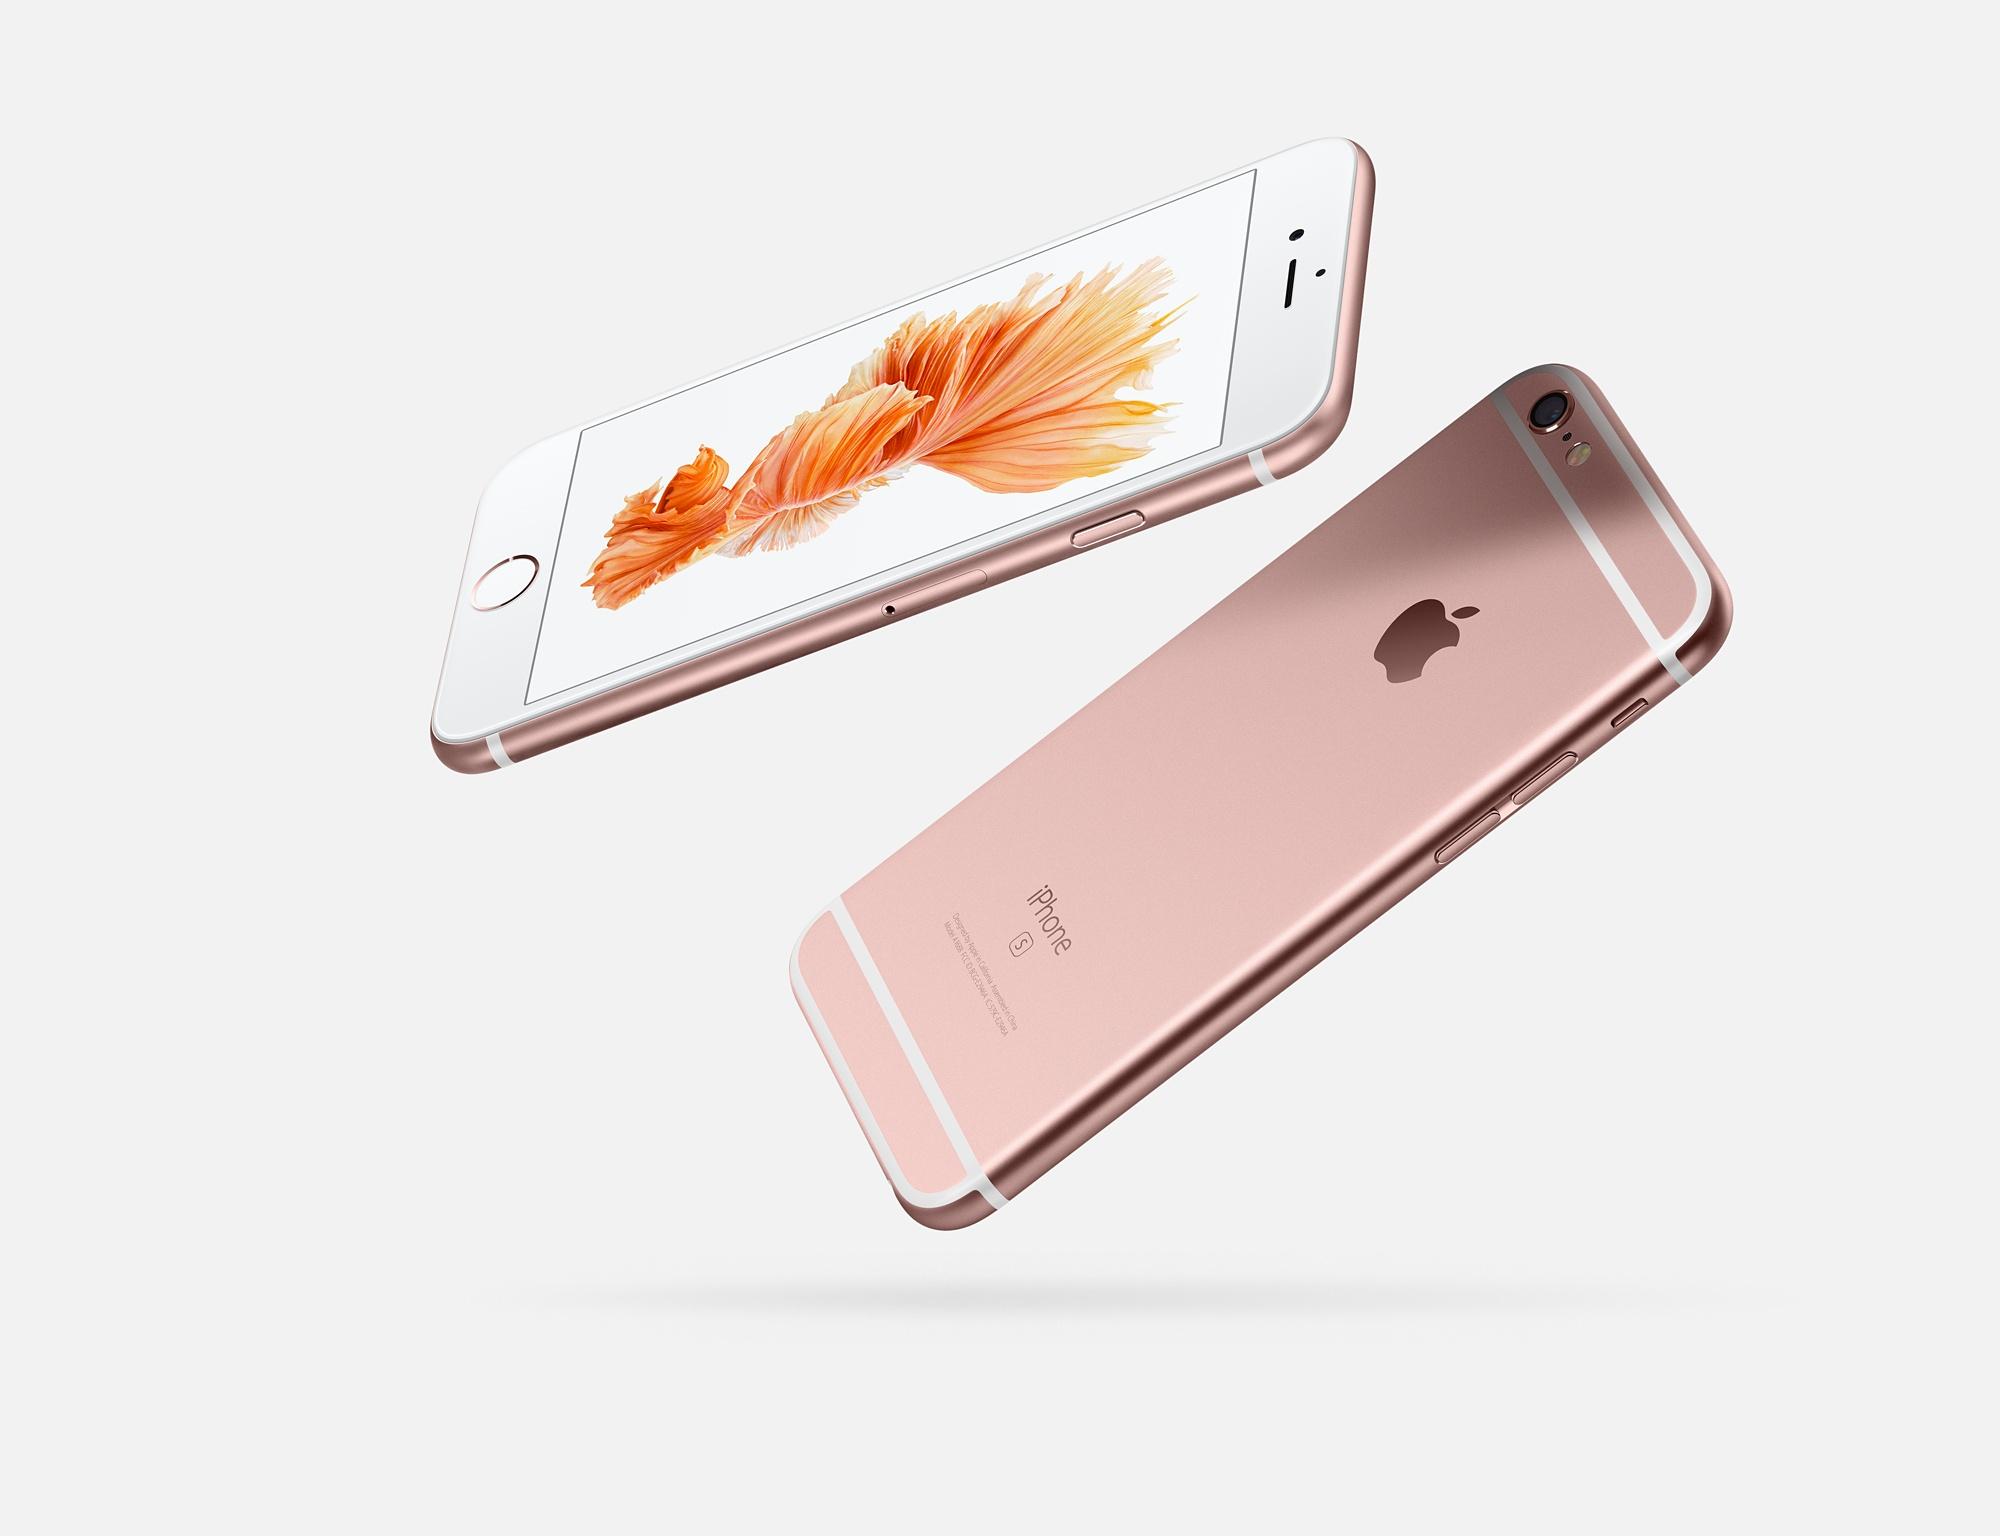 iphone-sale-india-2016